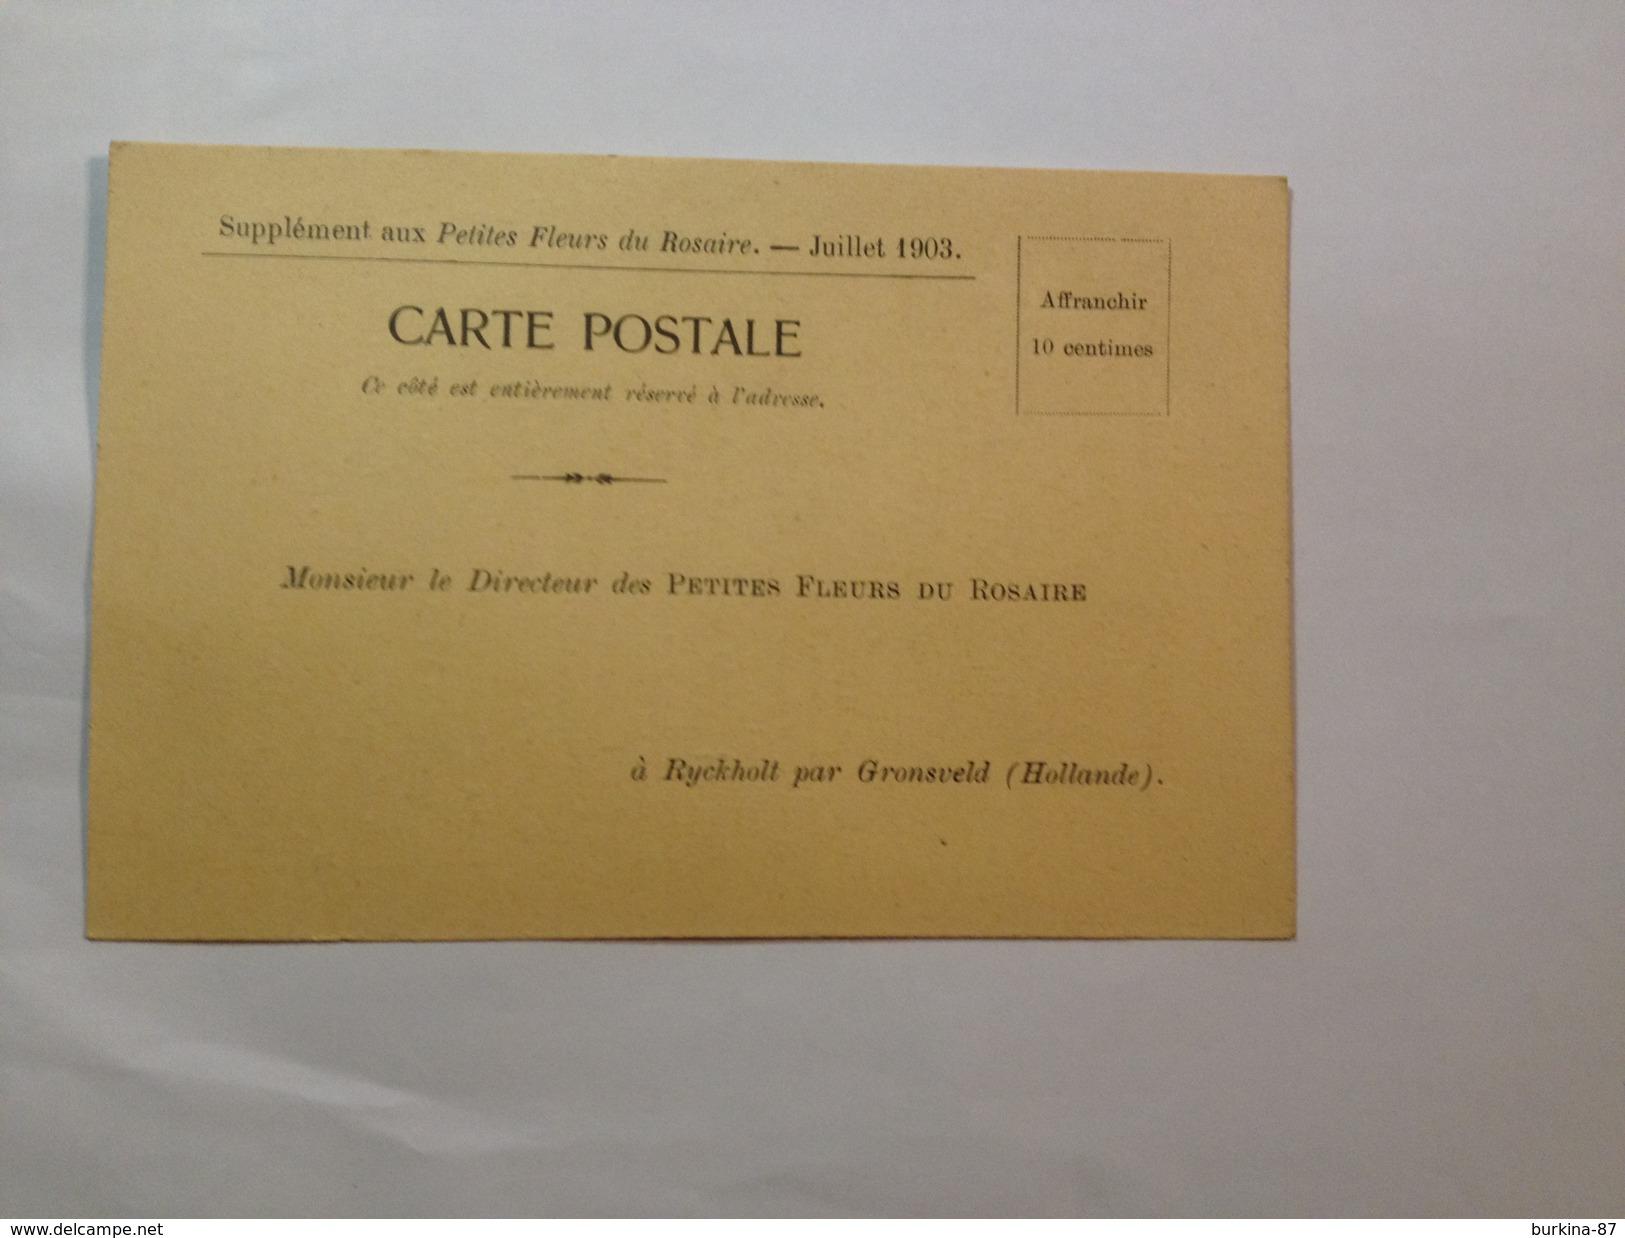 CARTE POSTALE, LES PETITES FLEURS DU ROSAIRE, 1903, BULLETIN ABONNEMENT VIERGE - Français